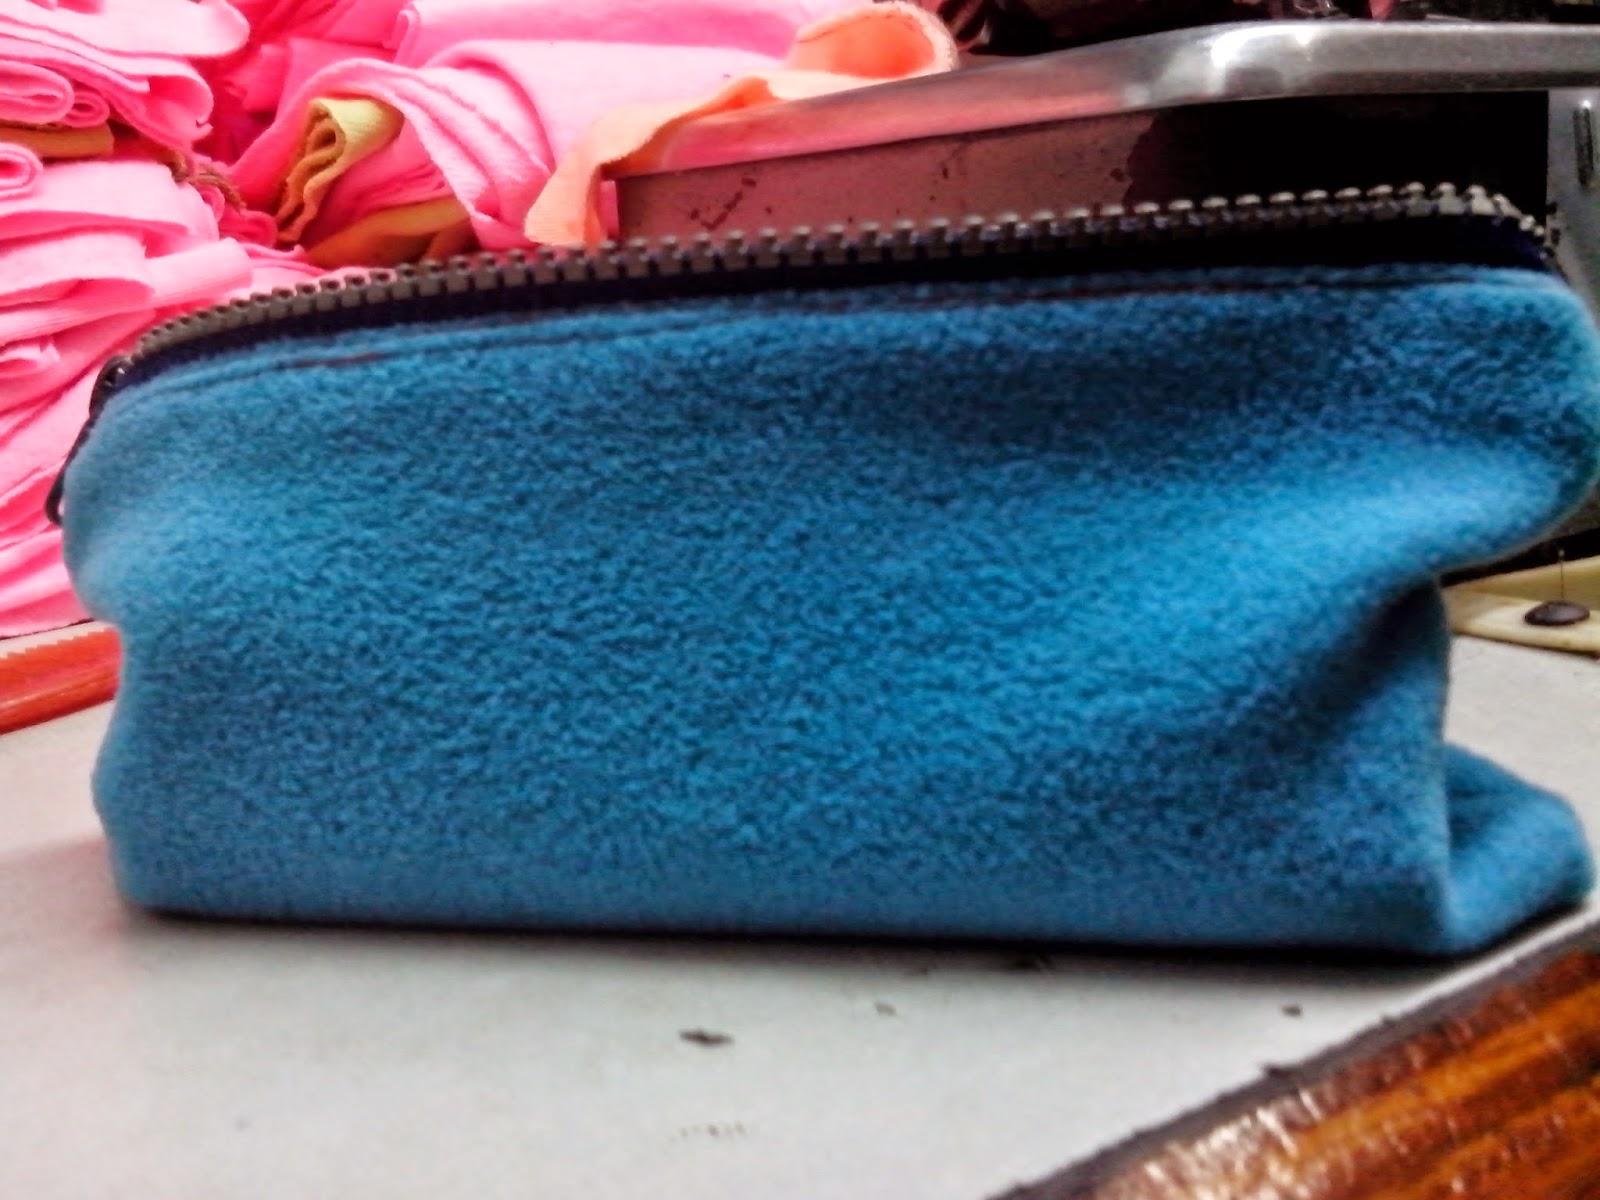 - Sau đây là một vài hình ảnh chi tiết của bóp đựng bút handmade làm bằng vải nỉ 1 da Hàn Quốc: